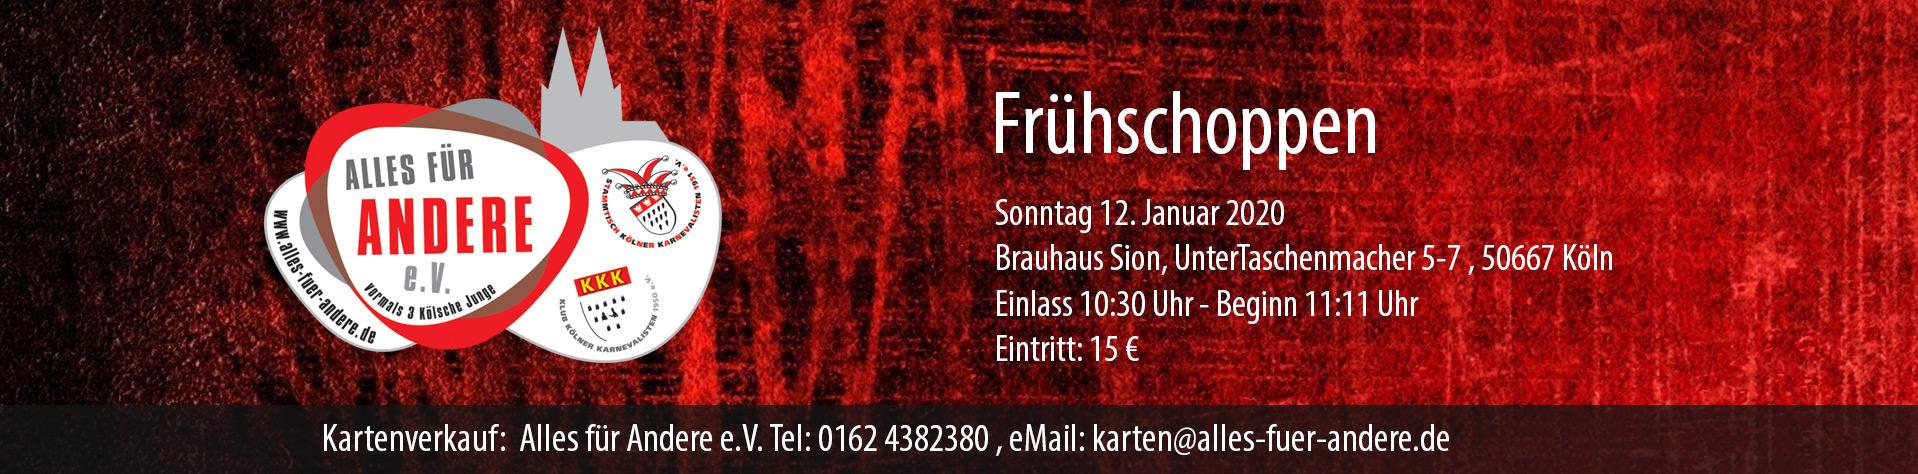 Fruehshoppen-2020-11